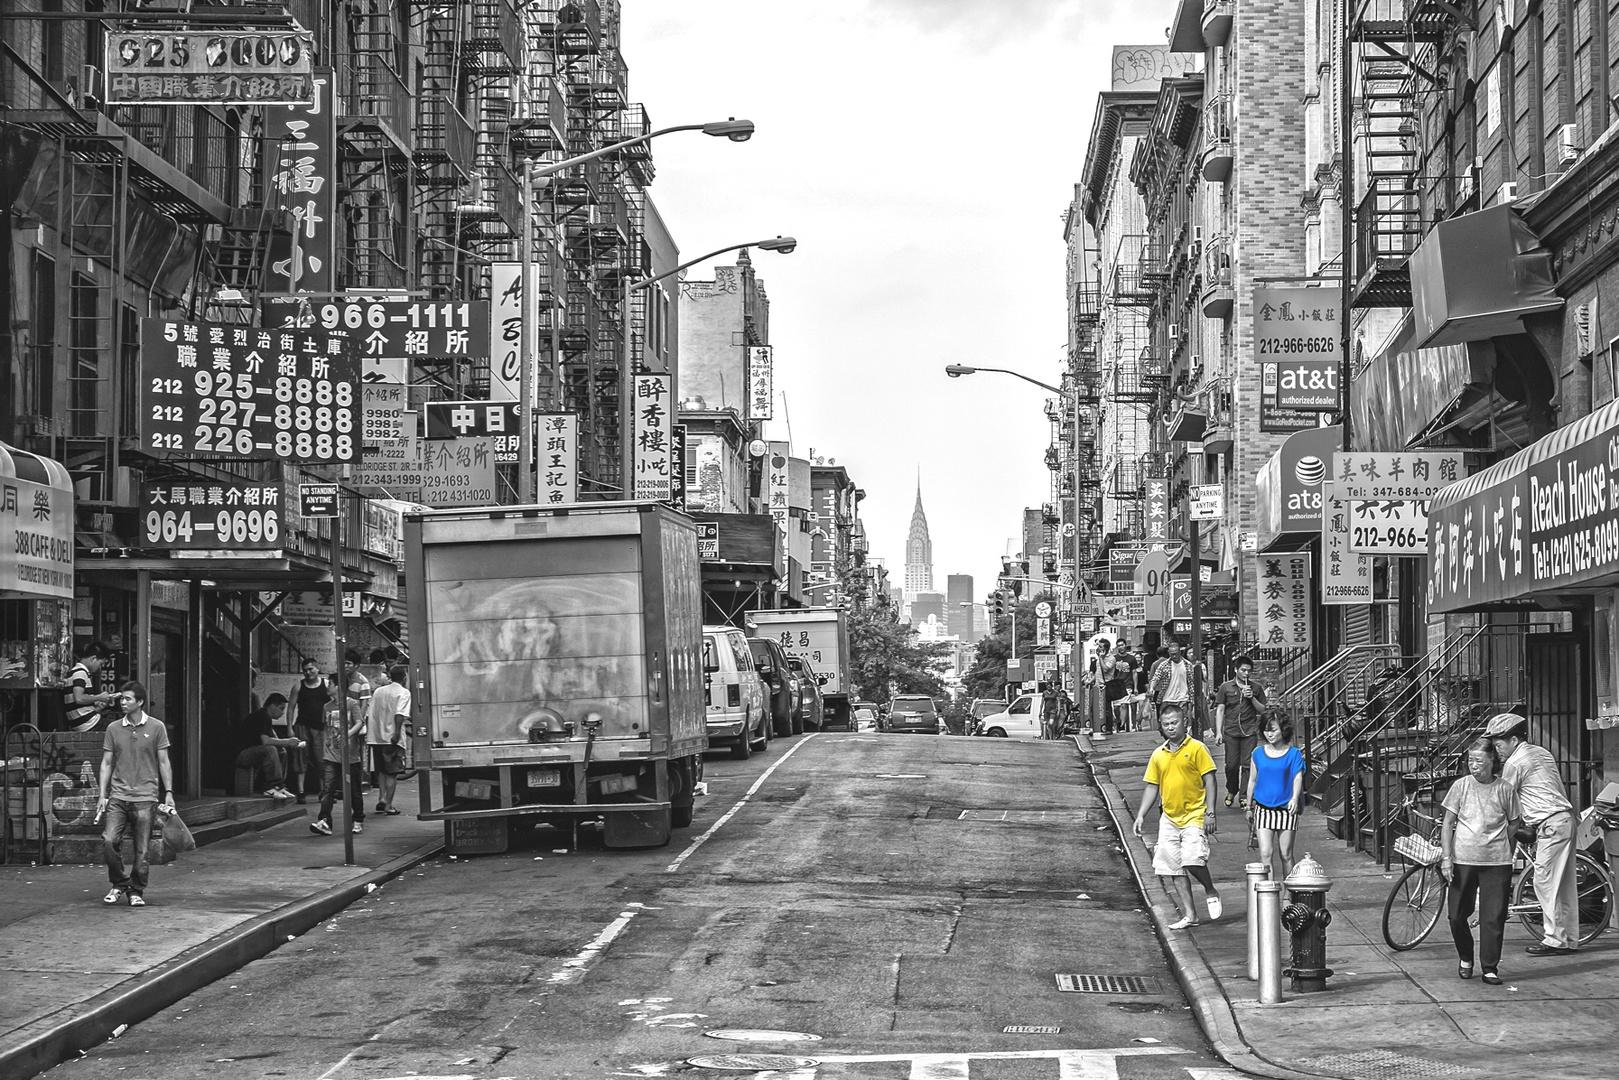 Chinatown - Eldridge Street